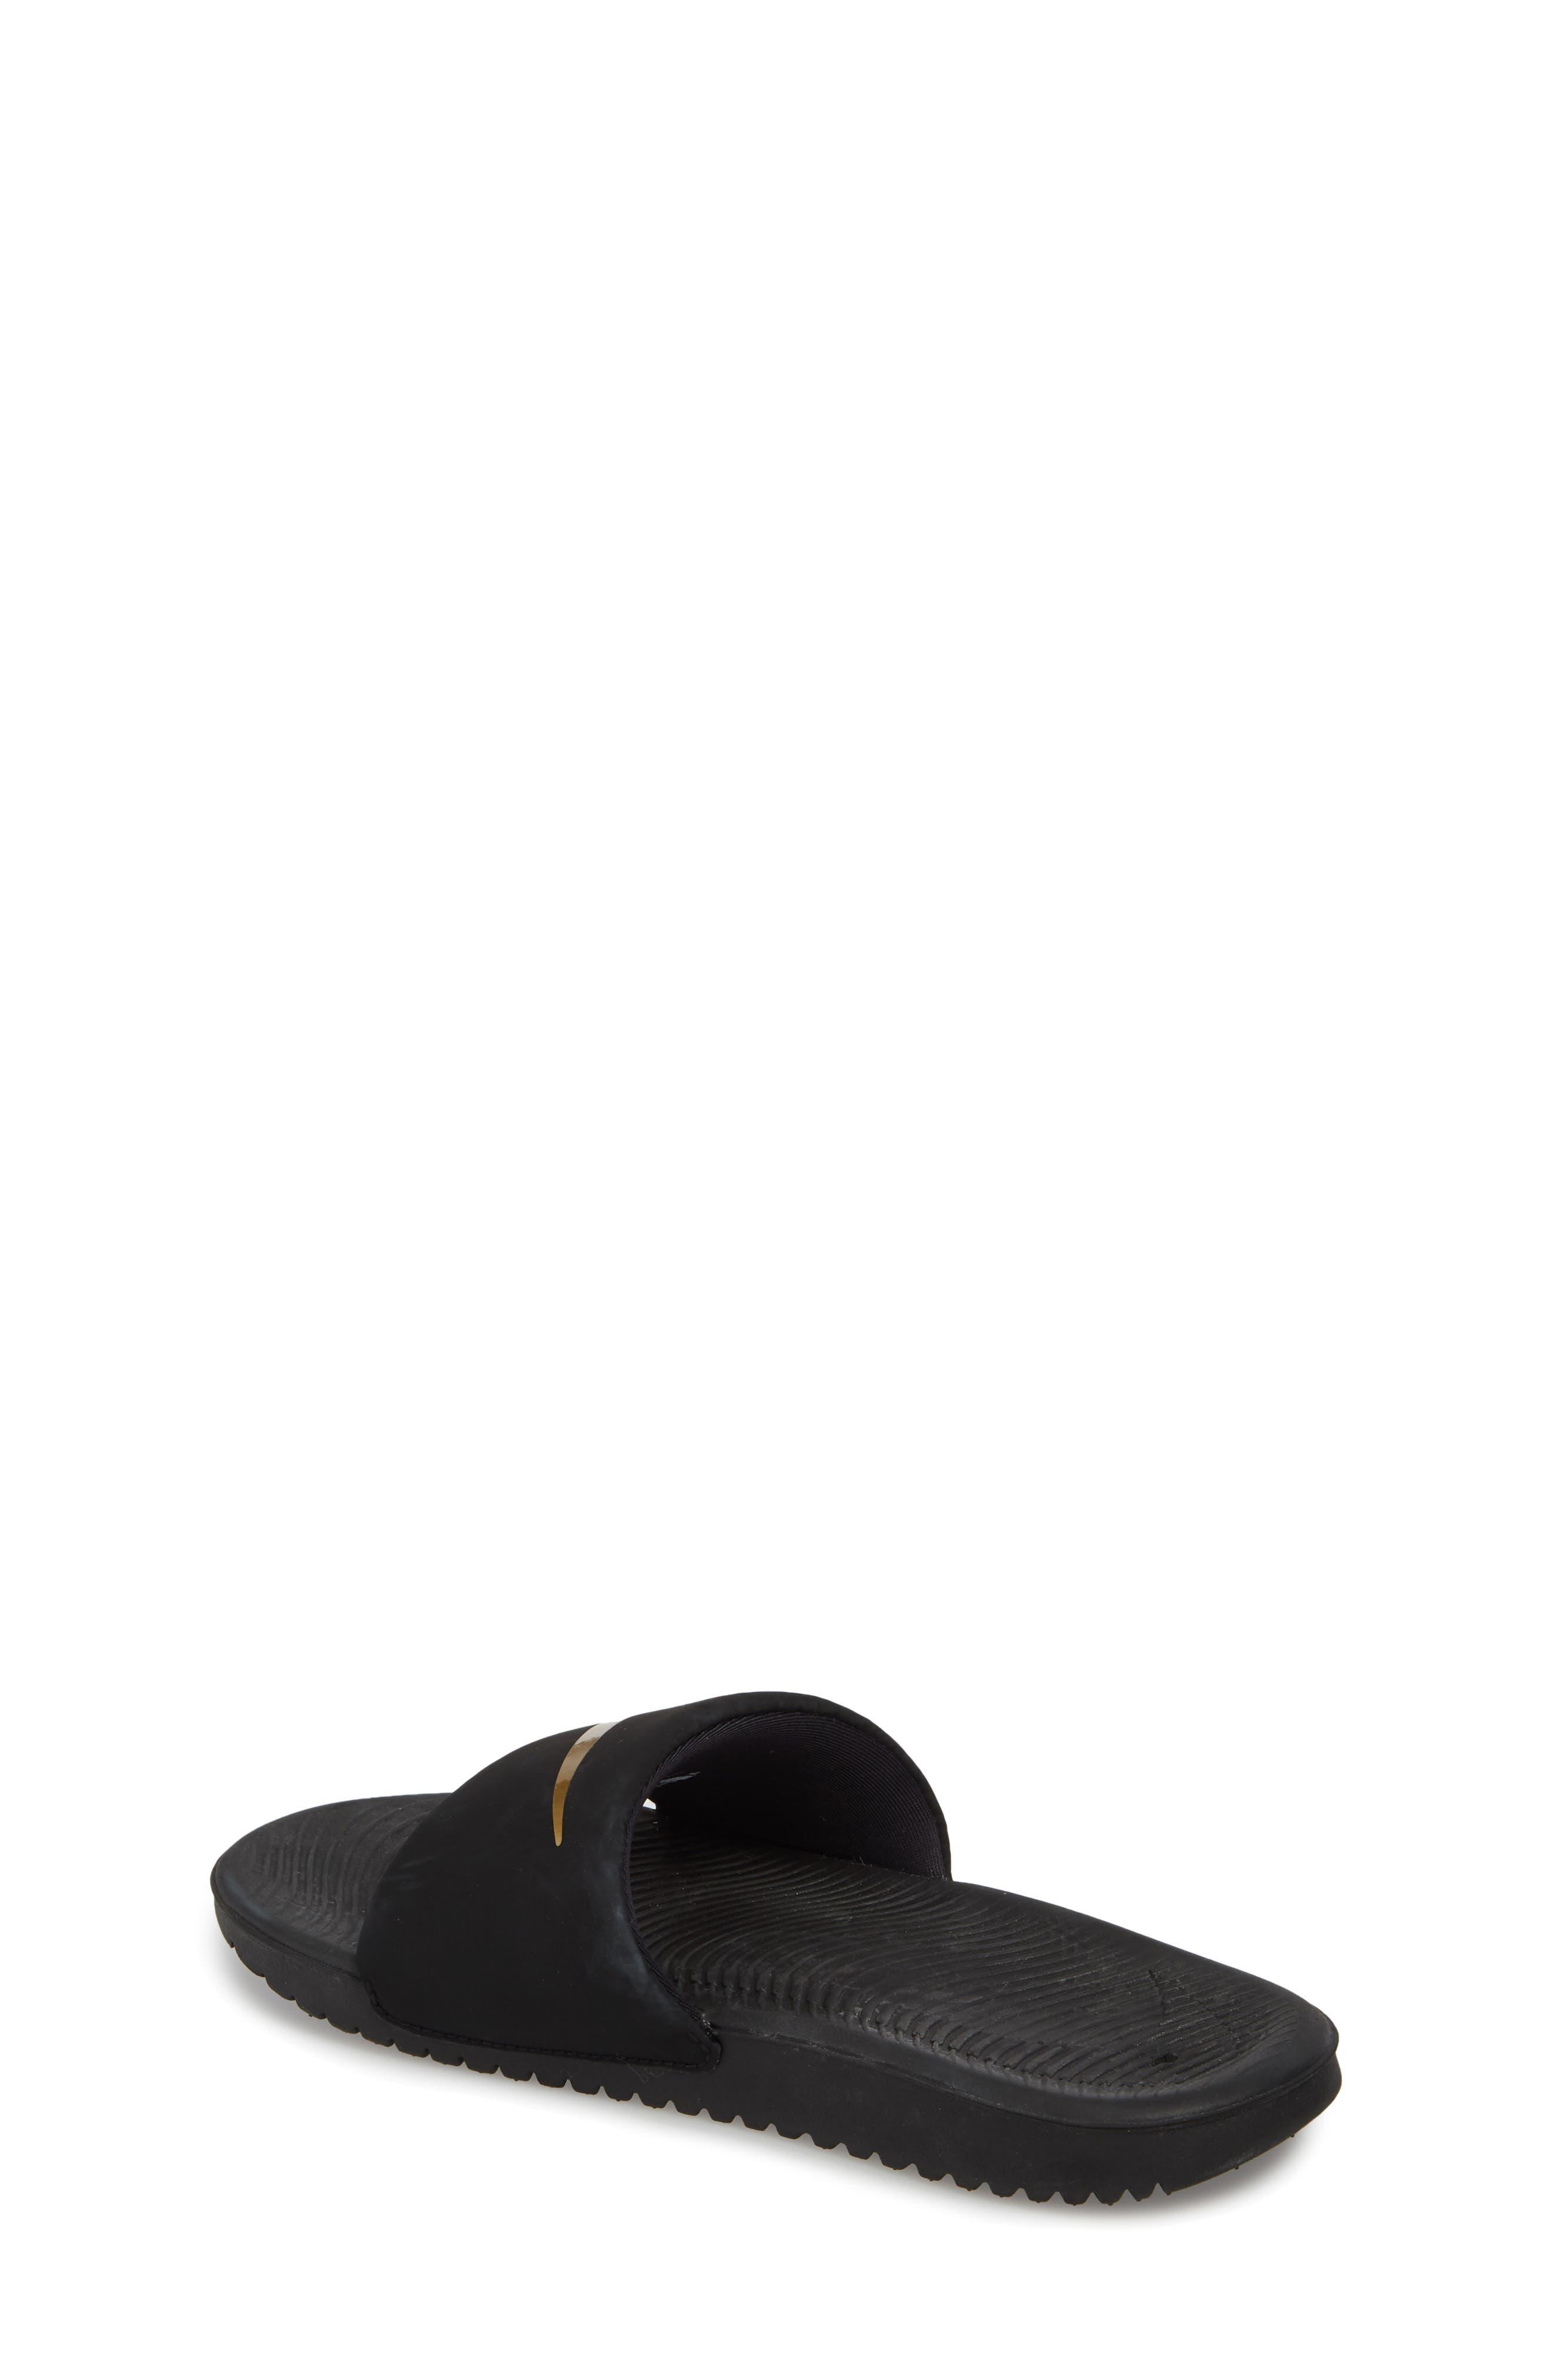 NIKE, 'Kawa' Slide Sandal, Alternate thumbnail 2, color, BLACK/ METALLIC GOLD